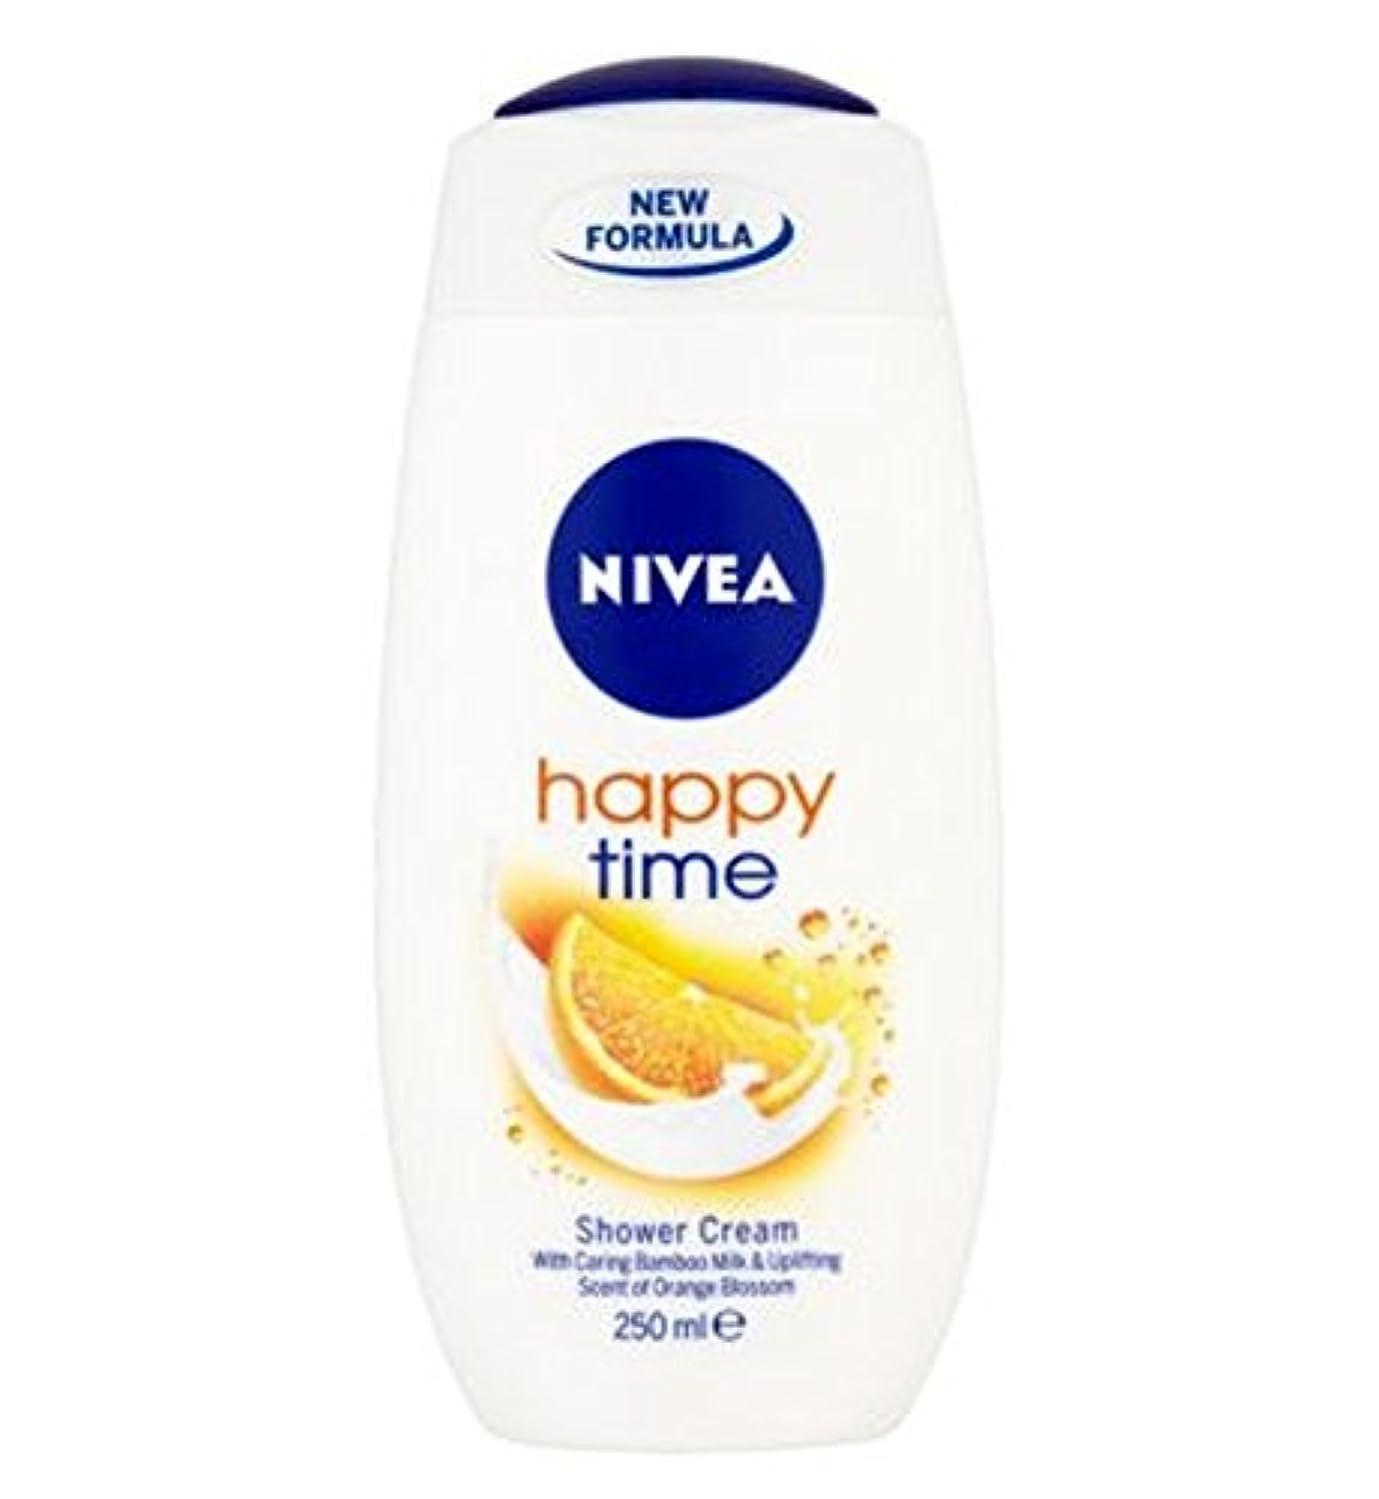 勉強する被害者湿気の多いニベア幸せな時間シャワークリーム250ミリリットル (Nivea) (x2) - NIVEA Happy Time Shower Cream 250ml (Pack of 2) [並行輸入品]